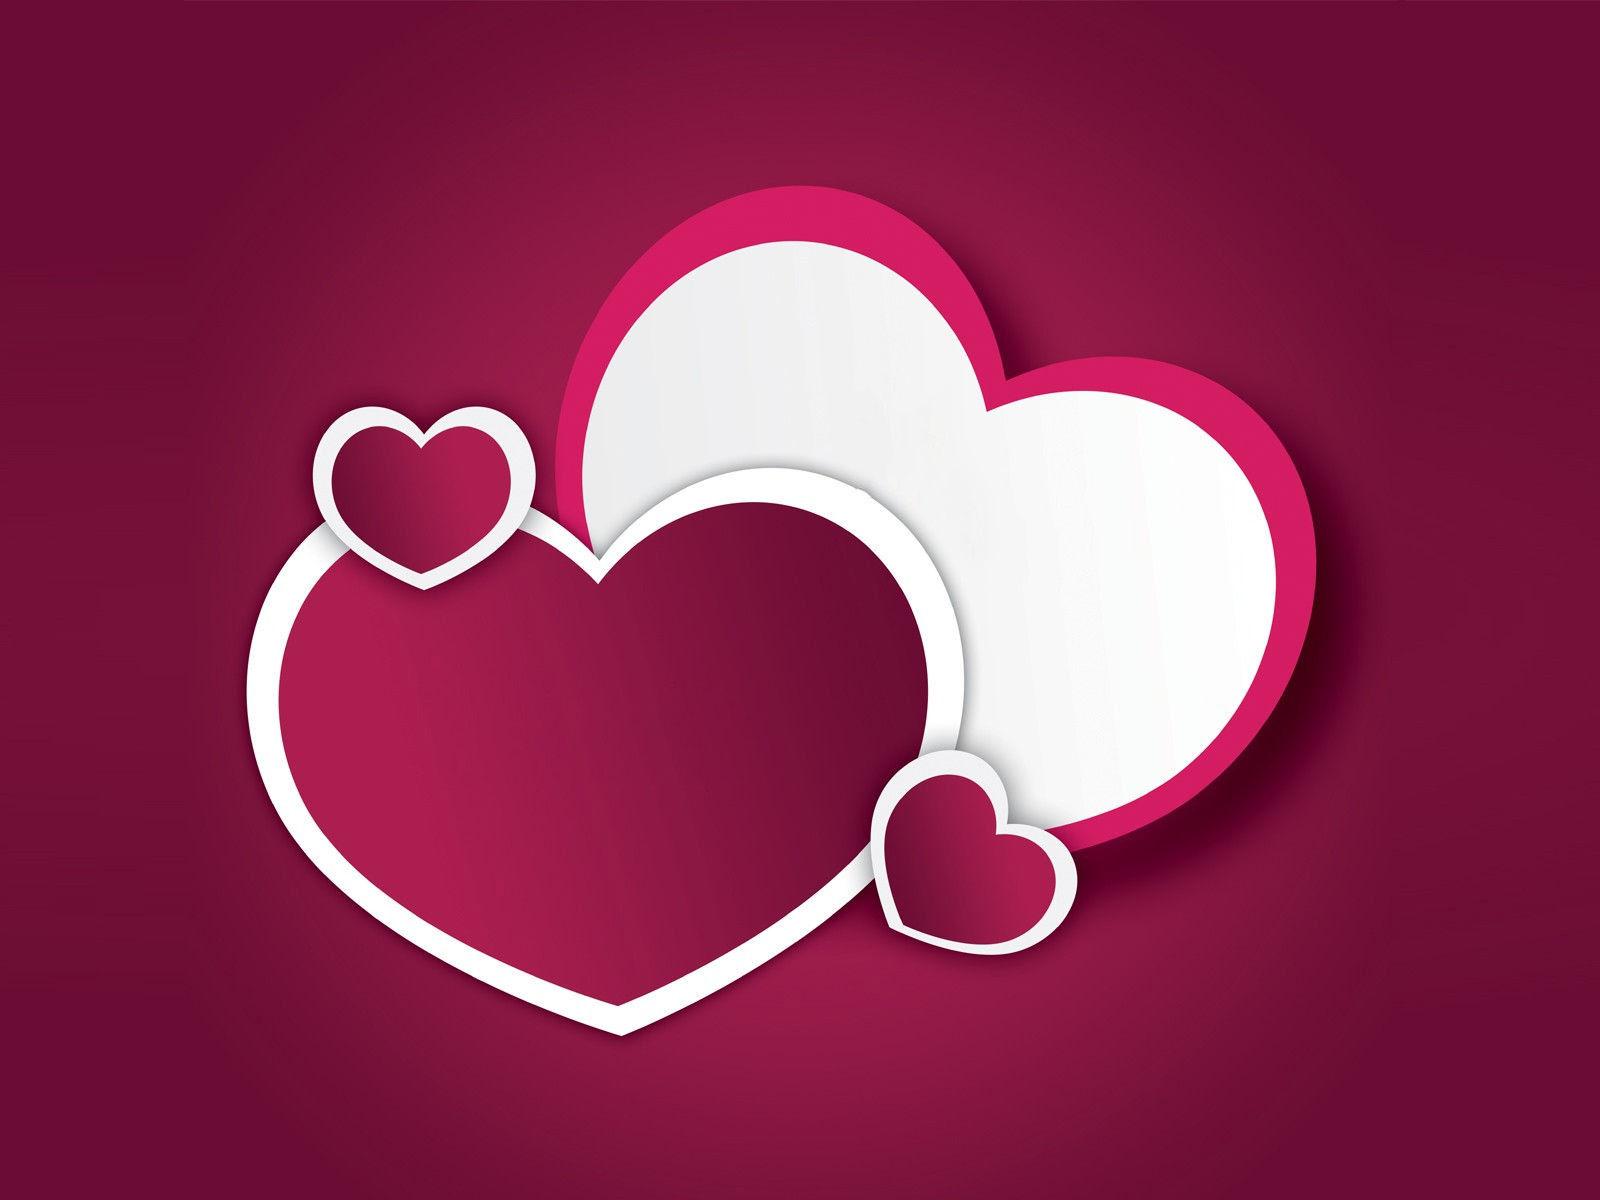 Fonds d 39 cran st valentin c ur 2016 maximumwall - Coeur st valentin ...